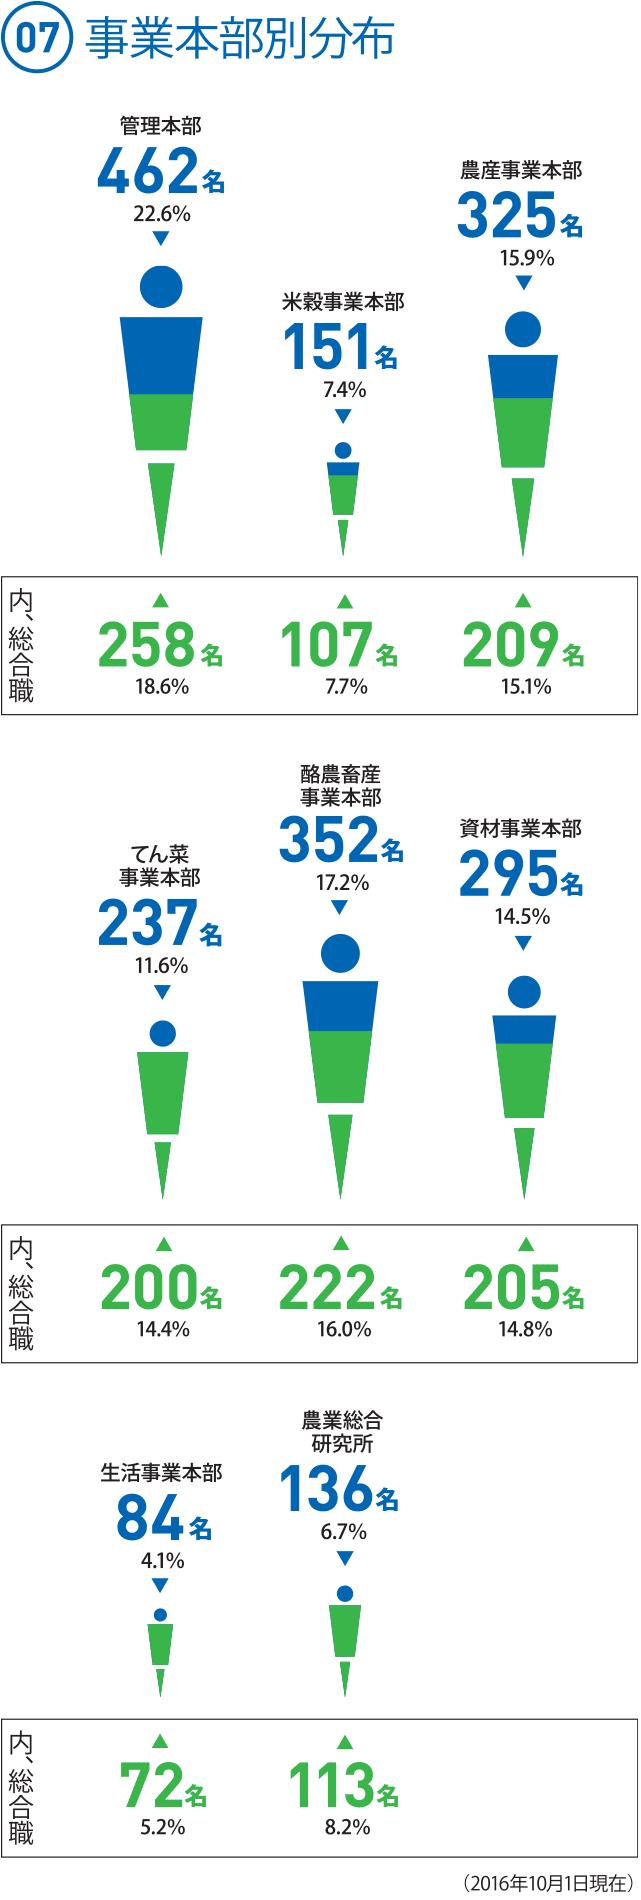 (07) 事業本部別分布 ◯管理本部 462名 22.6%[内、総合職]258名 18.6% ◯米穀事業本部 151名 7.4% [内、総合職]107名 7.7% ◯農産事業本部 325名 15.9% [内、総合職] 209名 15.1% ◯てん菜事業本部 237名 11.6% [内、総合職] 200名 14.4% ◯酪農畜産事業本部 352名 17.2% [内、総合職] 222名 16.0% ◯資材事業本部 295名 14.5%(14.44%) [内、総合職] 205名 14.8% ◯生活事業本部 84名 4.1% [内、総合職] 72名 5.2% ◯農業総合研究所 136名 6.7% [内、総合職] 113名 8.2%(2016.10.1現在)